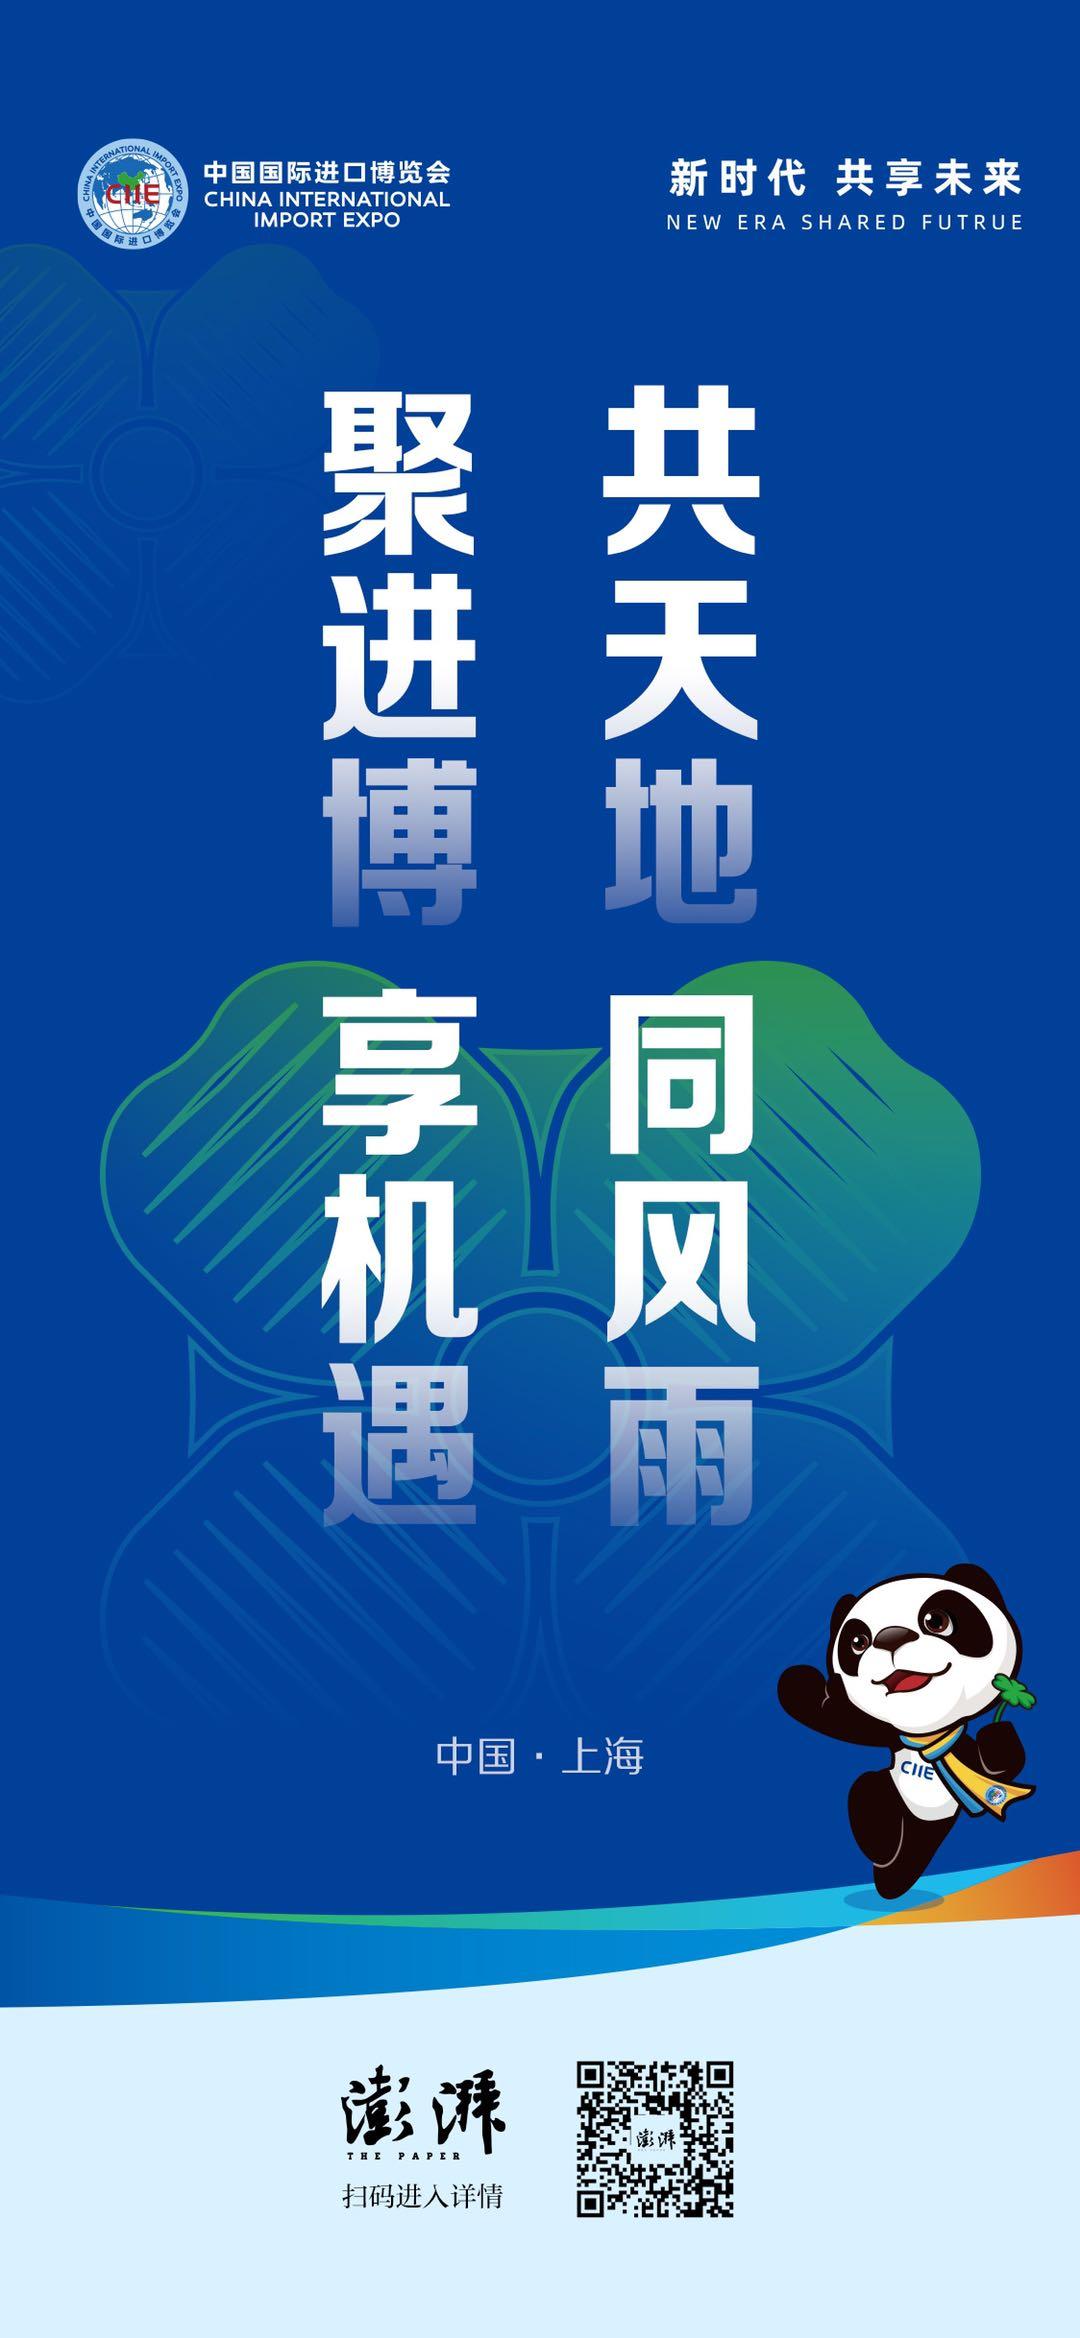 """[国际新闻]迎五洲客计天下利,进博盛会再续""""东方之约"""""""